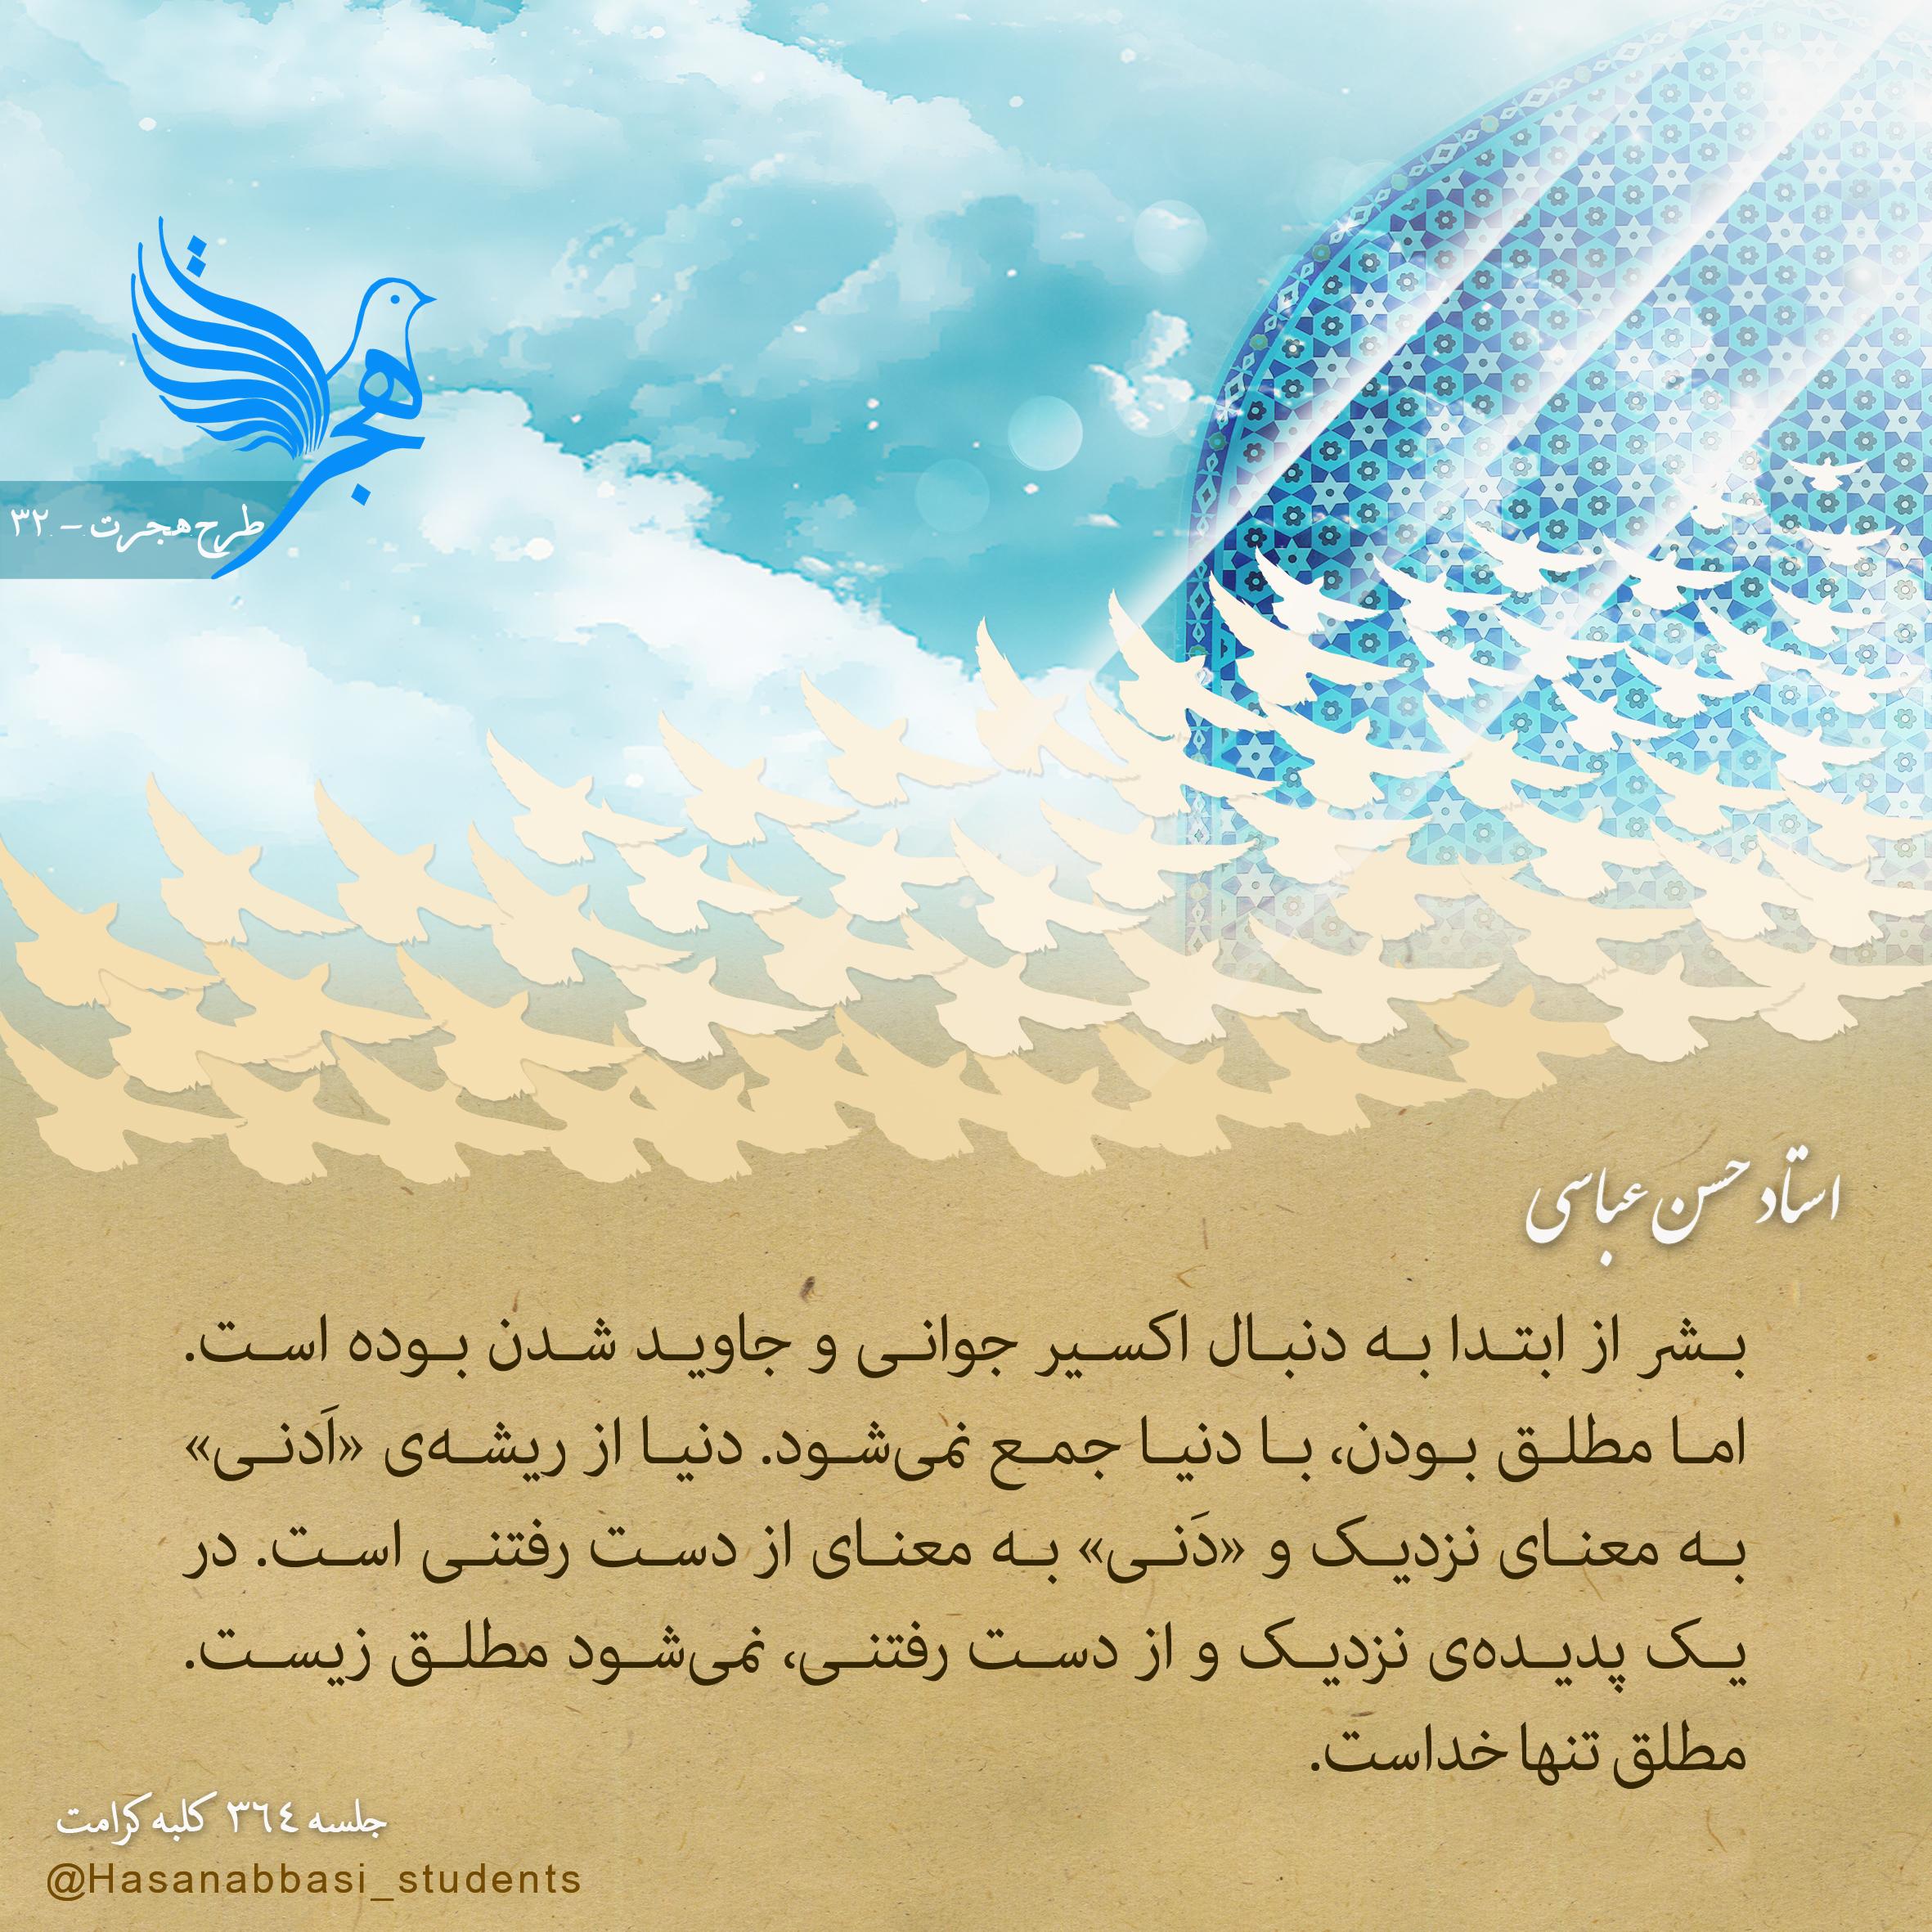 طرح هجرت ۳۲ - جاودانگی با «دنیا» جمع نمیشود.